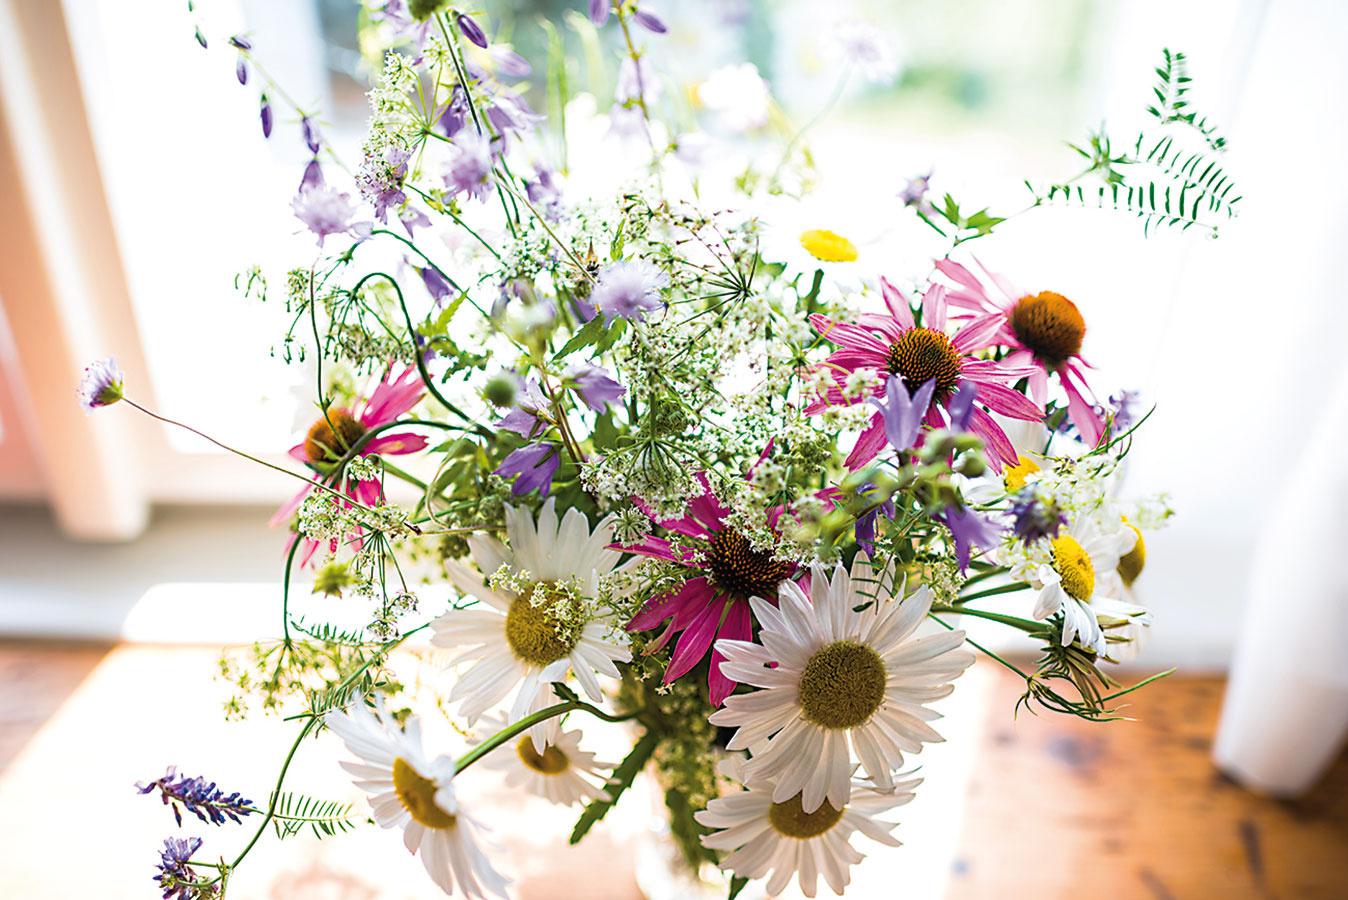 Bylinky zo záhradky, kvety zlúky, váza od starkej. Aj bez drahých doplnkov môže mať byt úžasnú atmosféru.